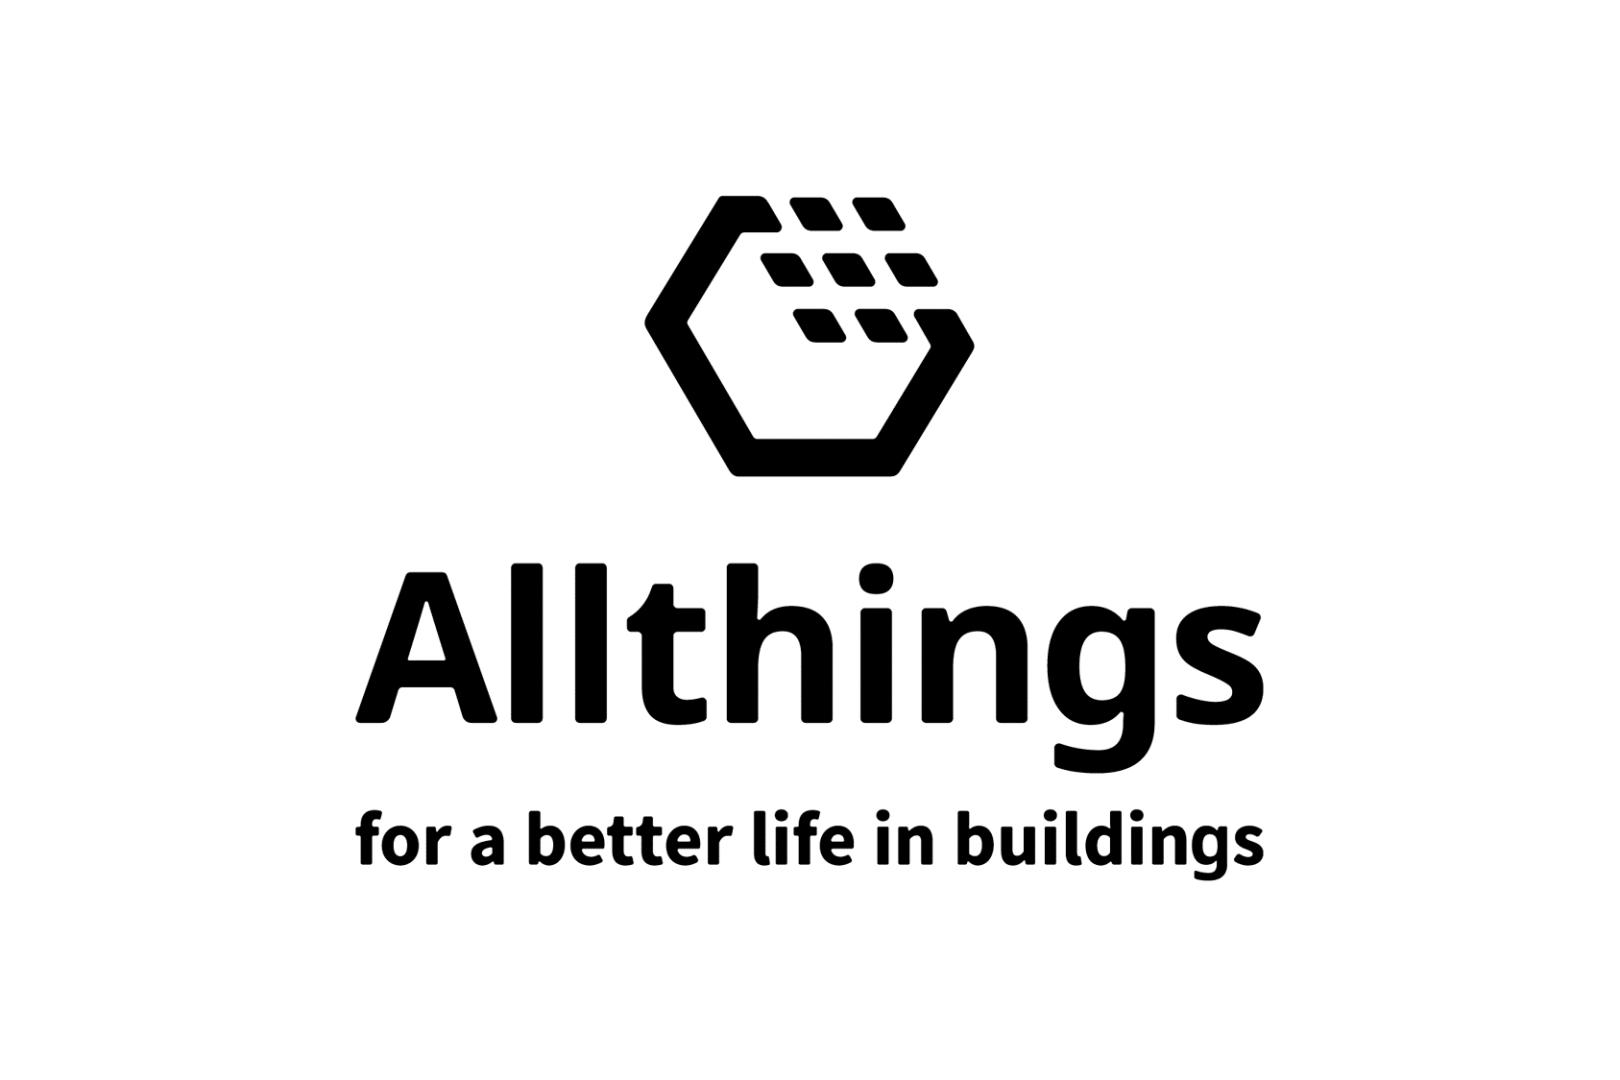 https://cdn2.hubspot.net/hubfs/6100123/67.png